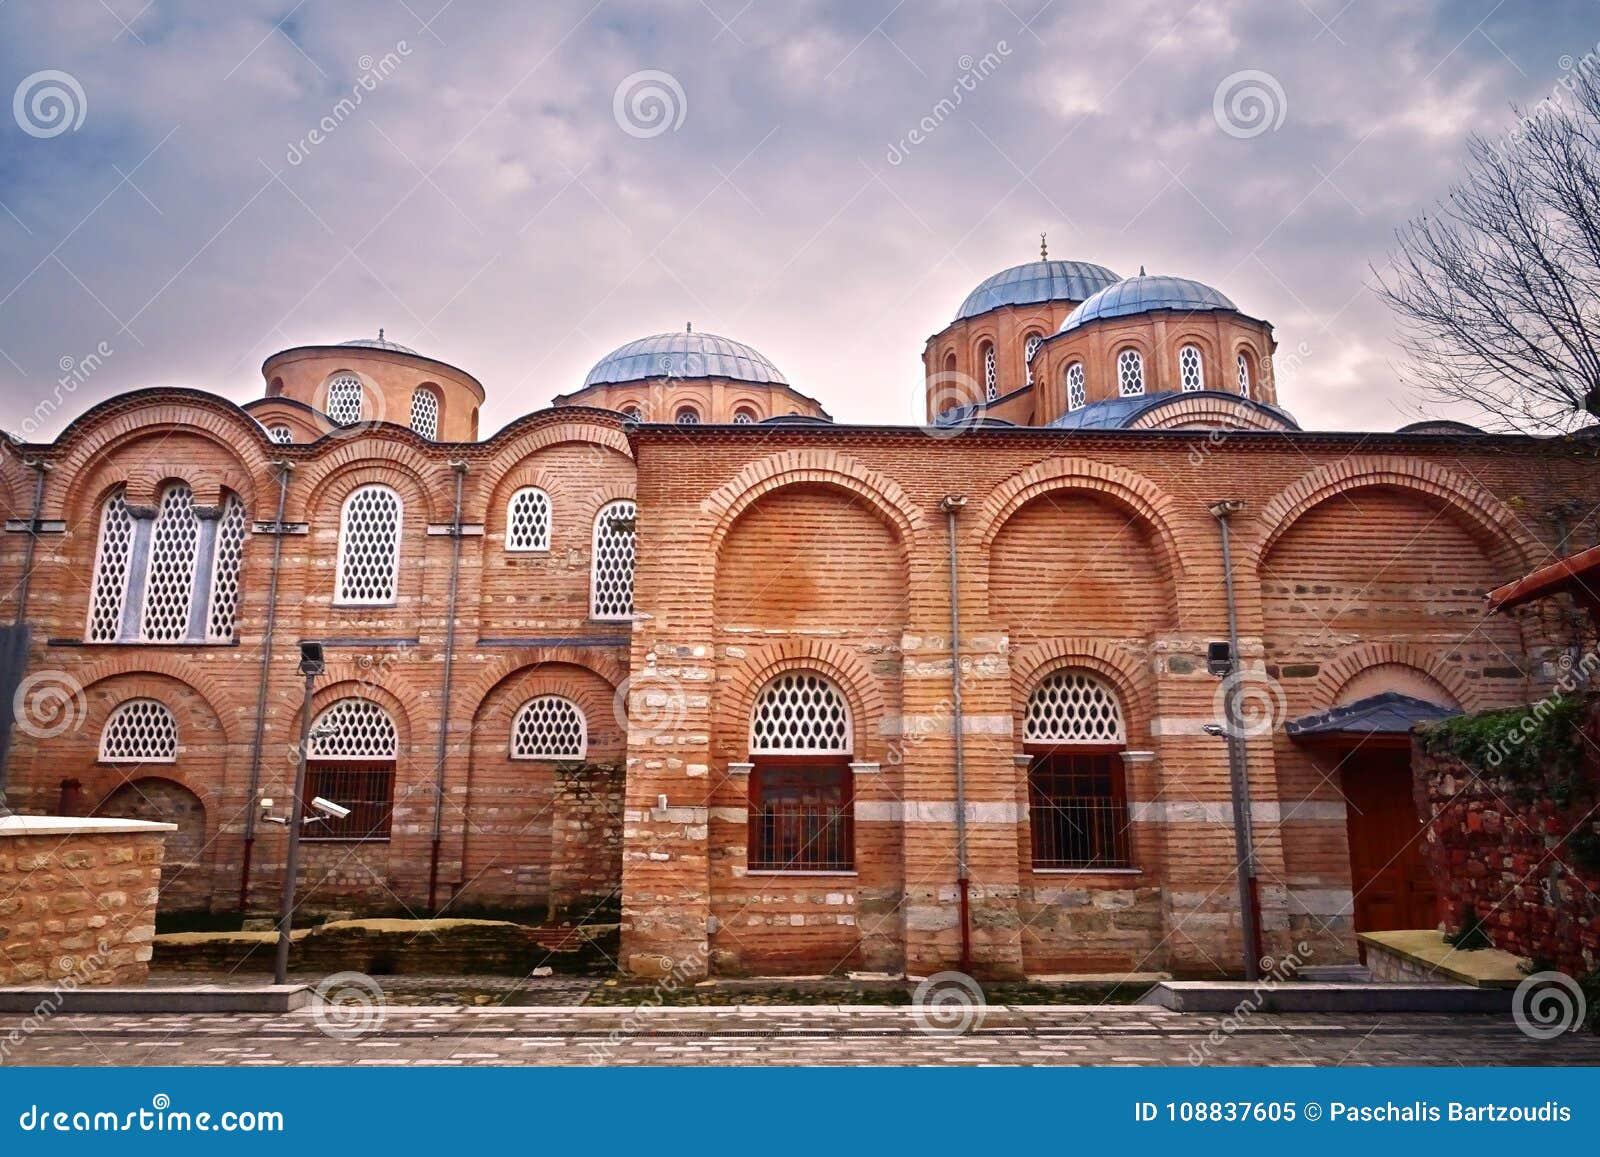 Moschea Di Zeyrek, La Precedente Chiesa Di Cristo Pantokrator A Costantinopoli Moderna Immagine Stock - Immagine di bosporus, impero: 108837605